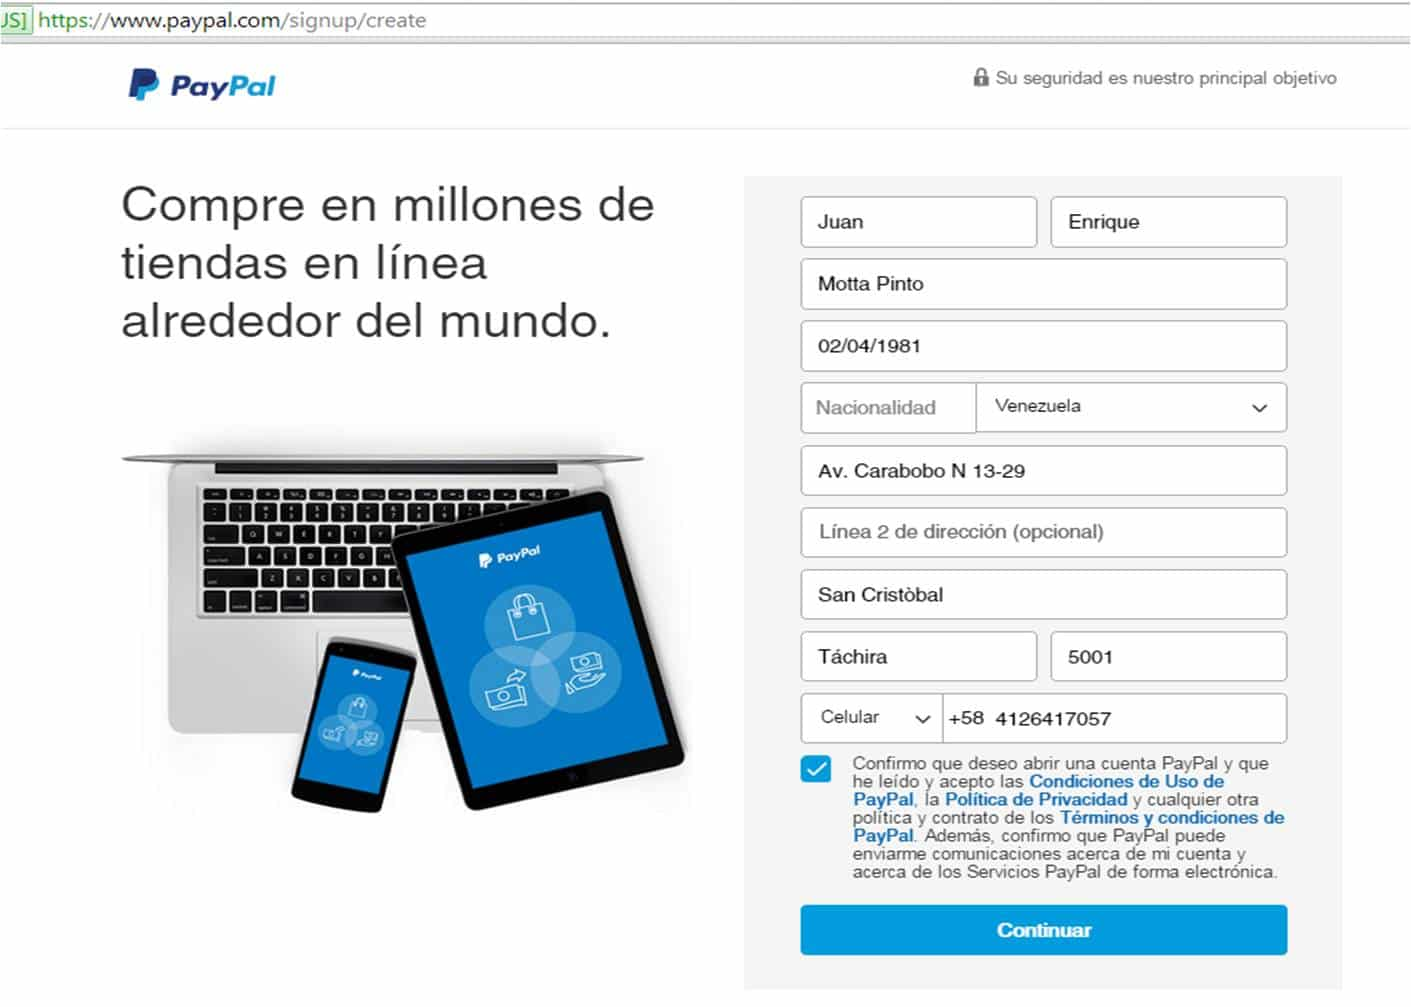 abrir-cuenta-en-paypal-crear-datos-personales